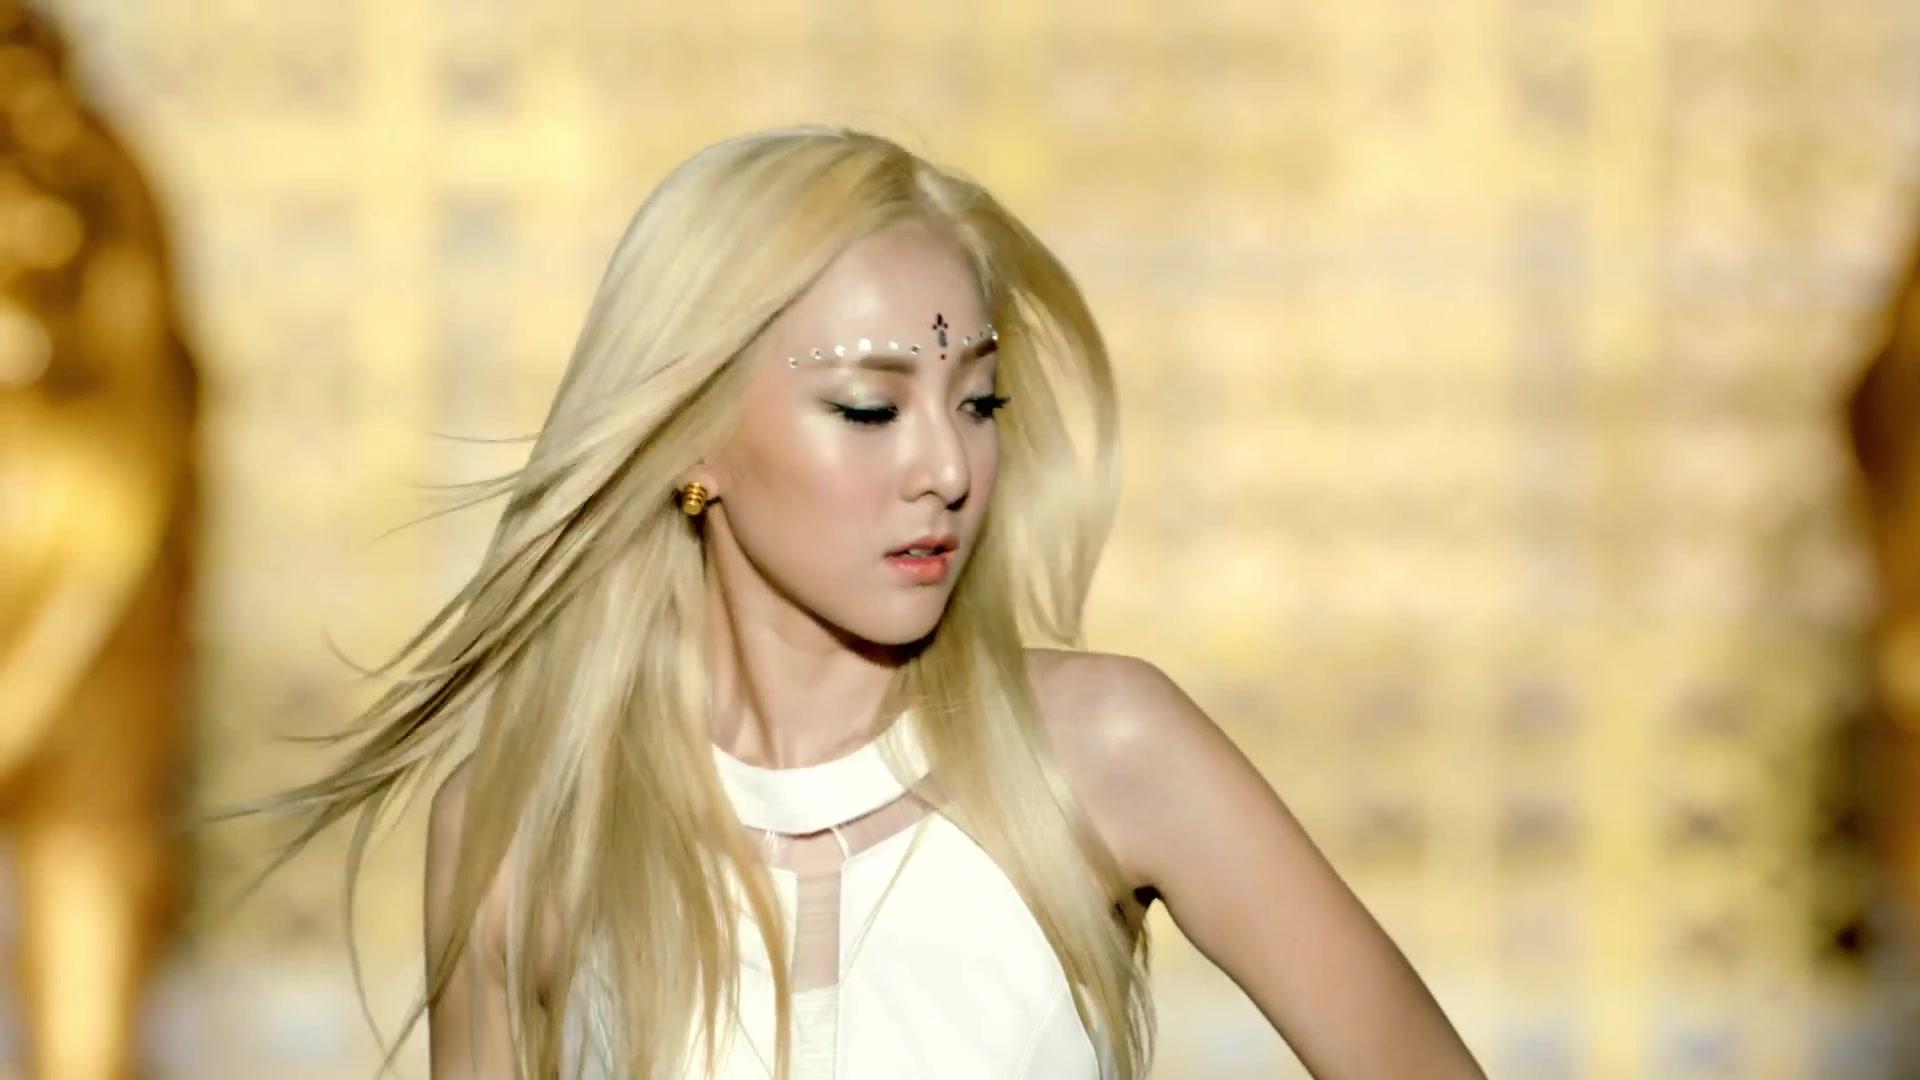 2NE1---FALLING-IN-LOVE-M-V www savevid com  2448Dara Falling In Love Nails